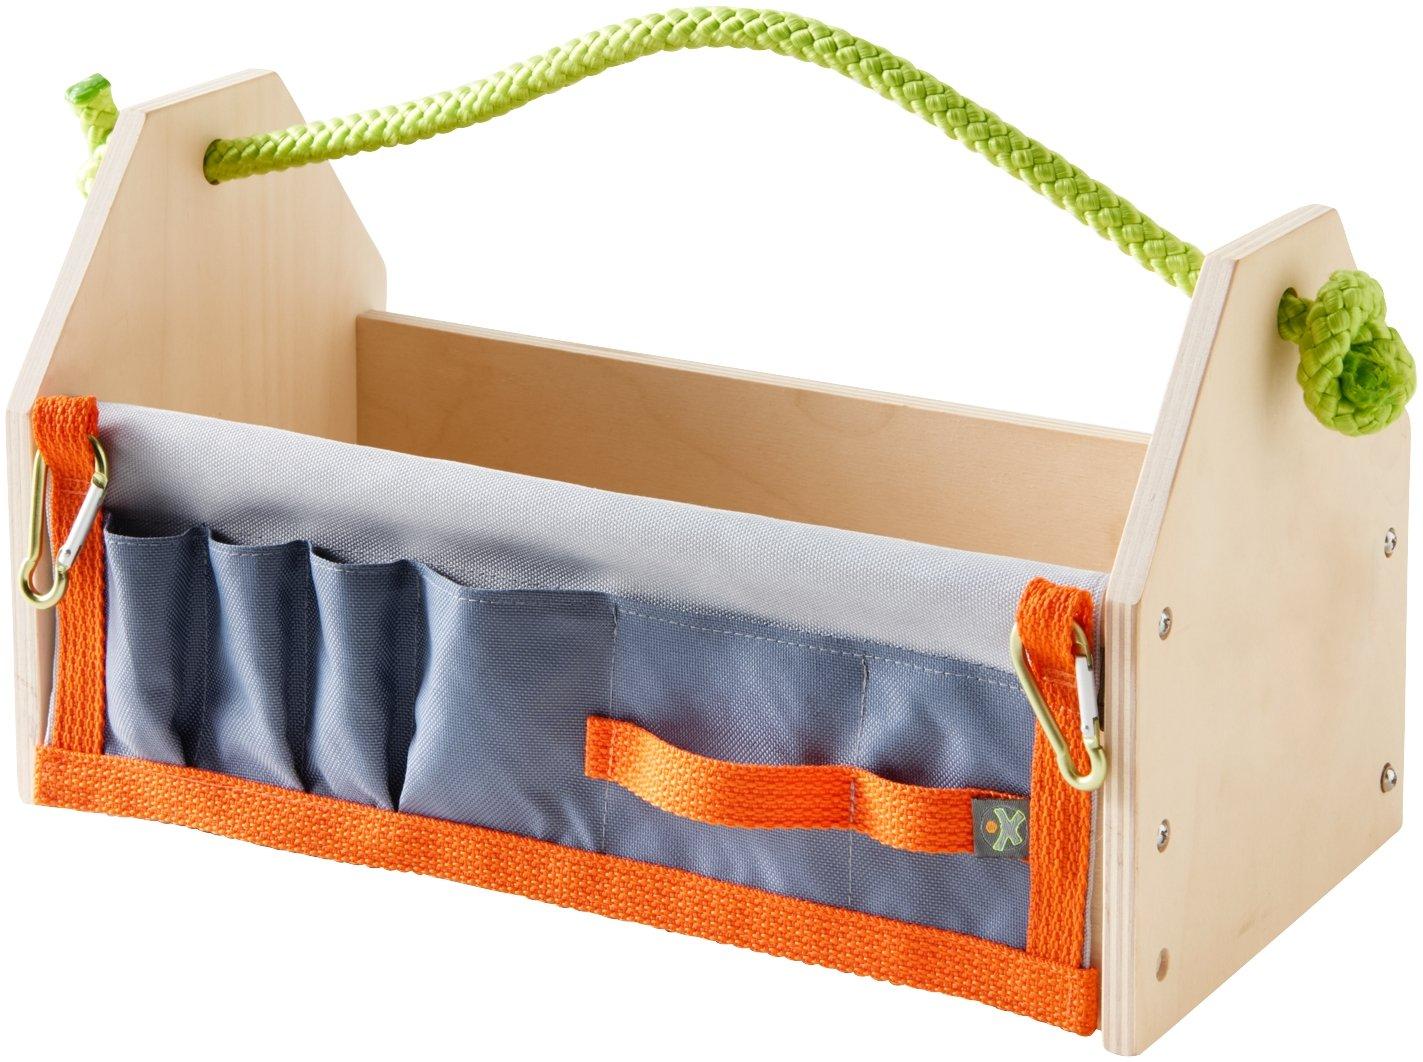 Werkzeugkasten Kinderspielzeug - HABA Terra Kids Werkzeugkasten-Bausatz